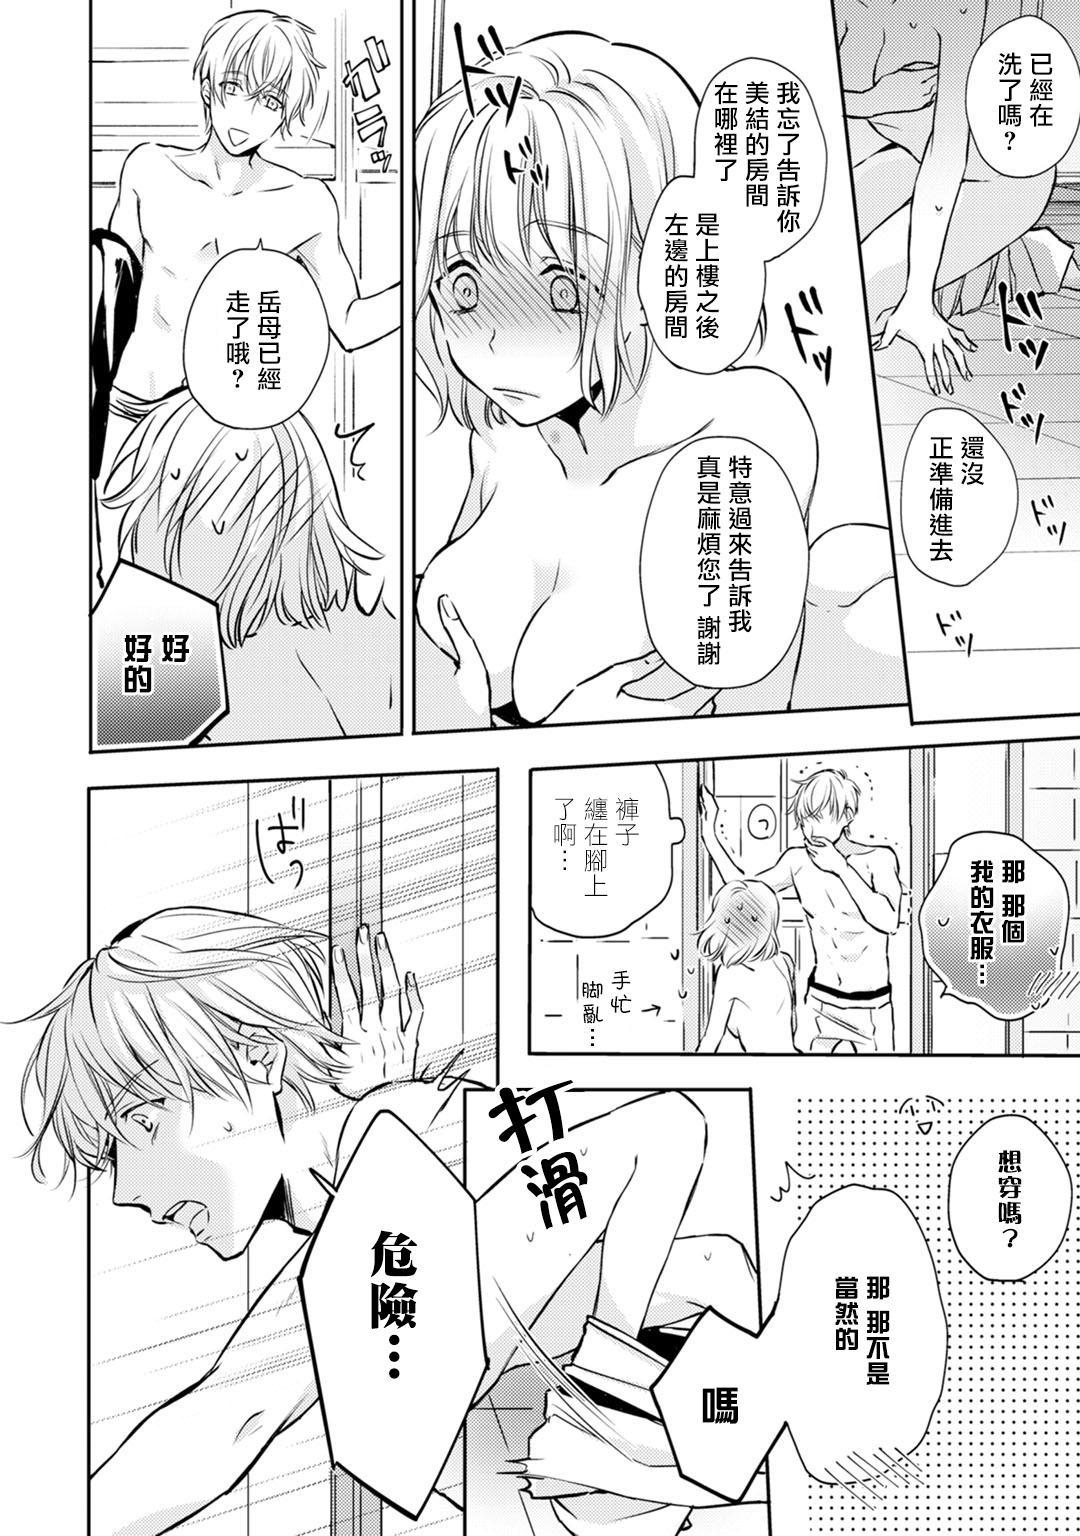 [Shichigatsu Motomi]  Sonna Kao shite, Sasotteru? ~Dekiai Shachou to Migawari Omiaikekkon!?~ 1-11  這種表情,在誘惑我嗎?~溺愛社長和替身相親結婚!? [Chinese] [拾荒者汉化组] 46